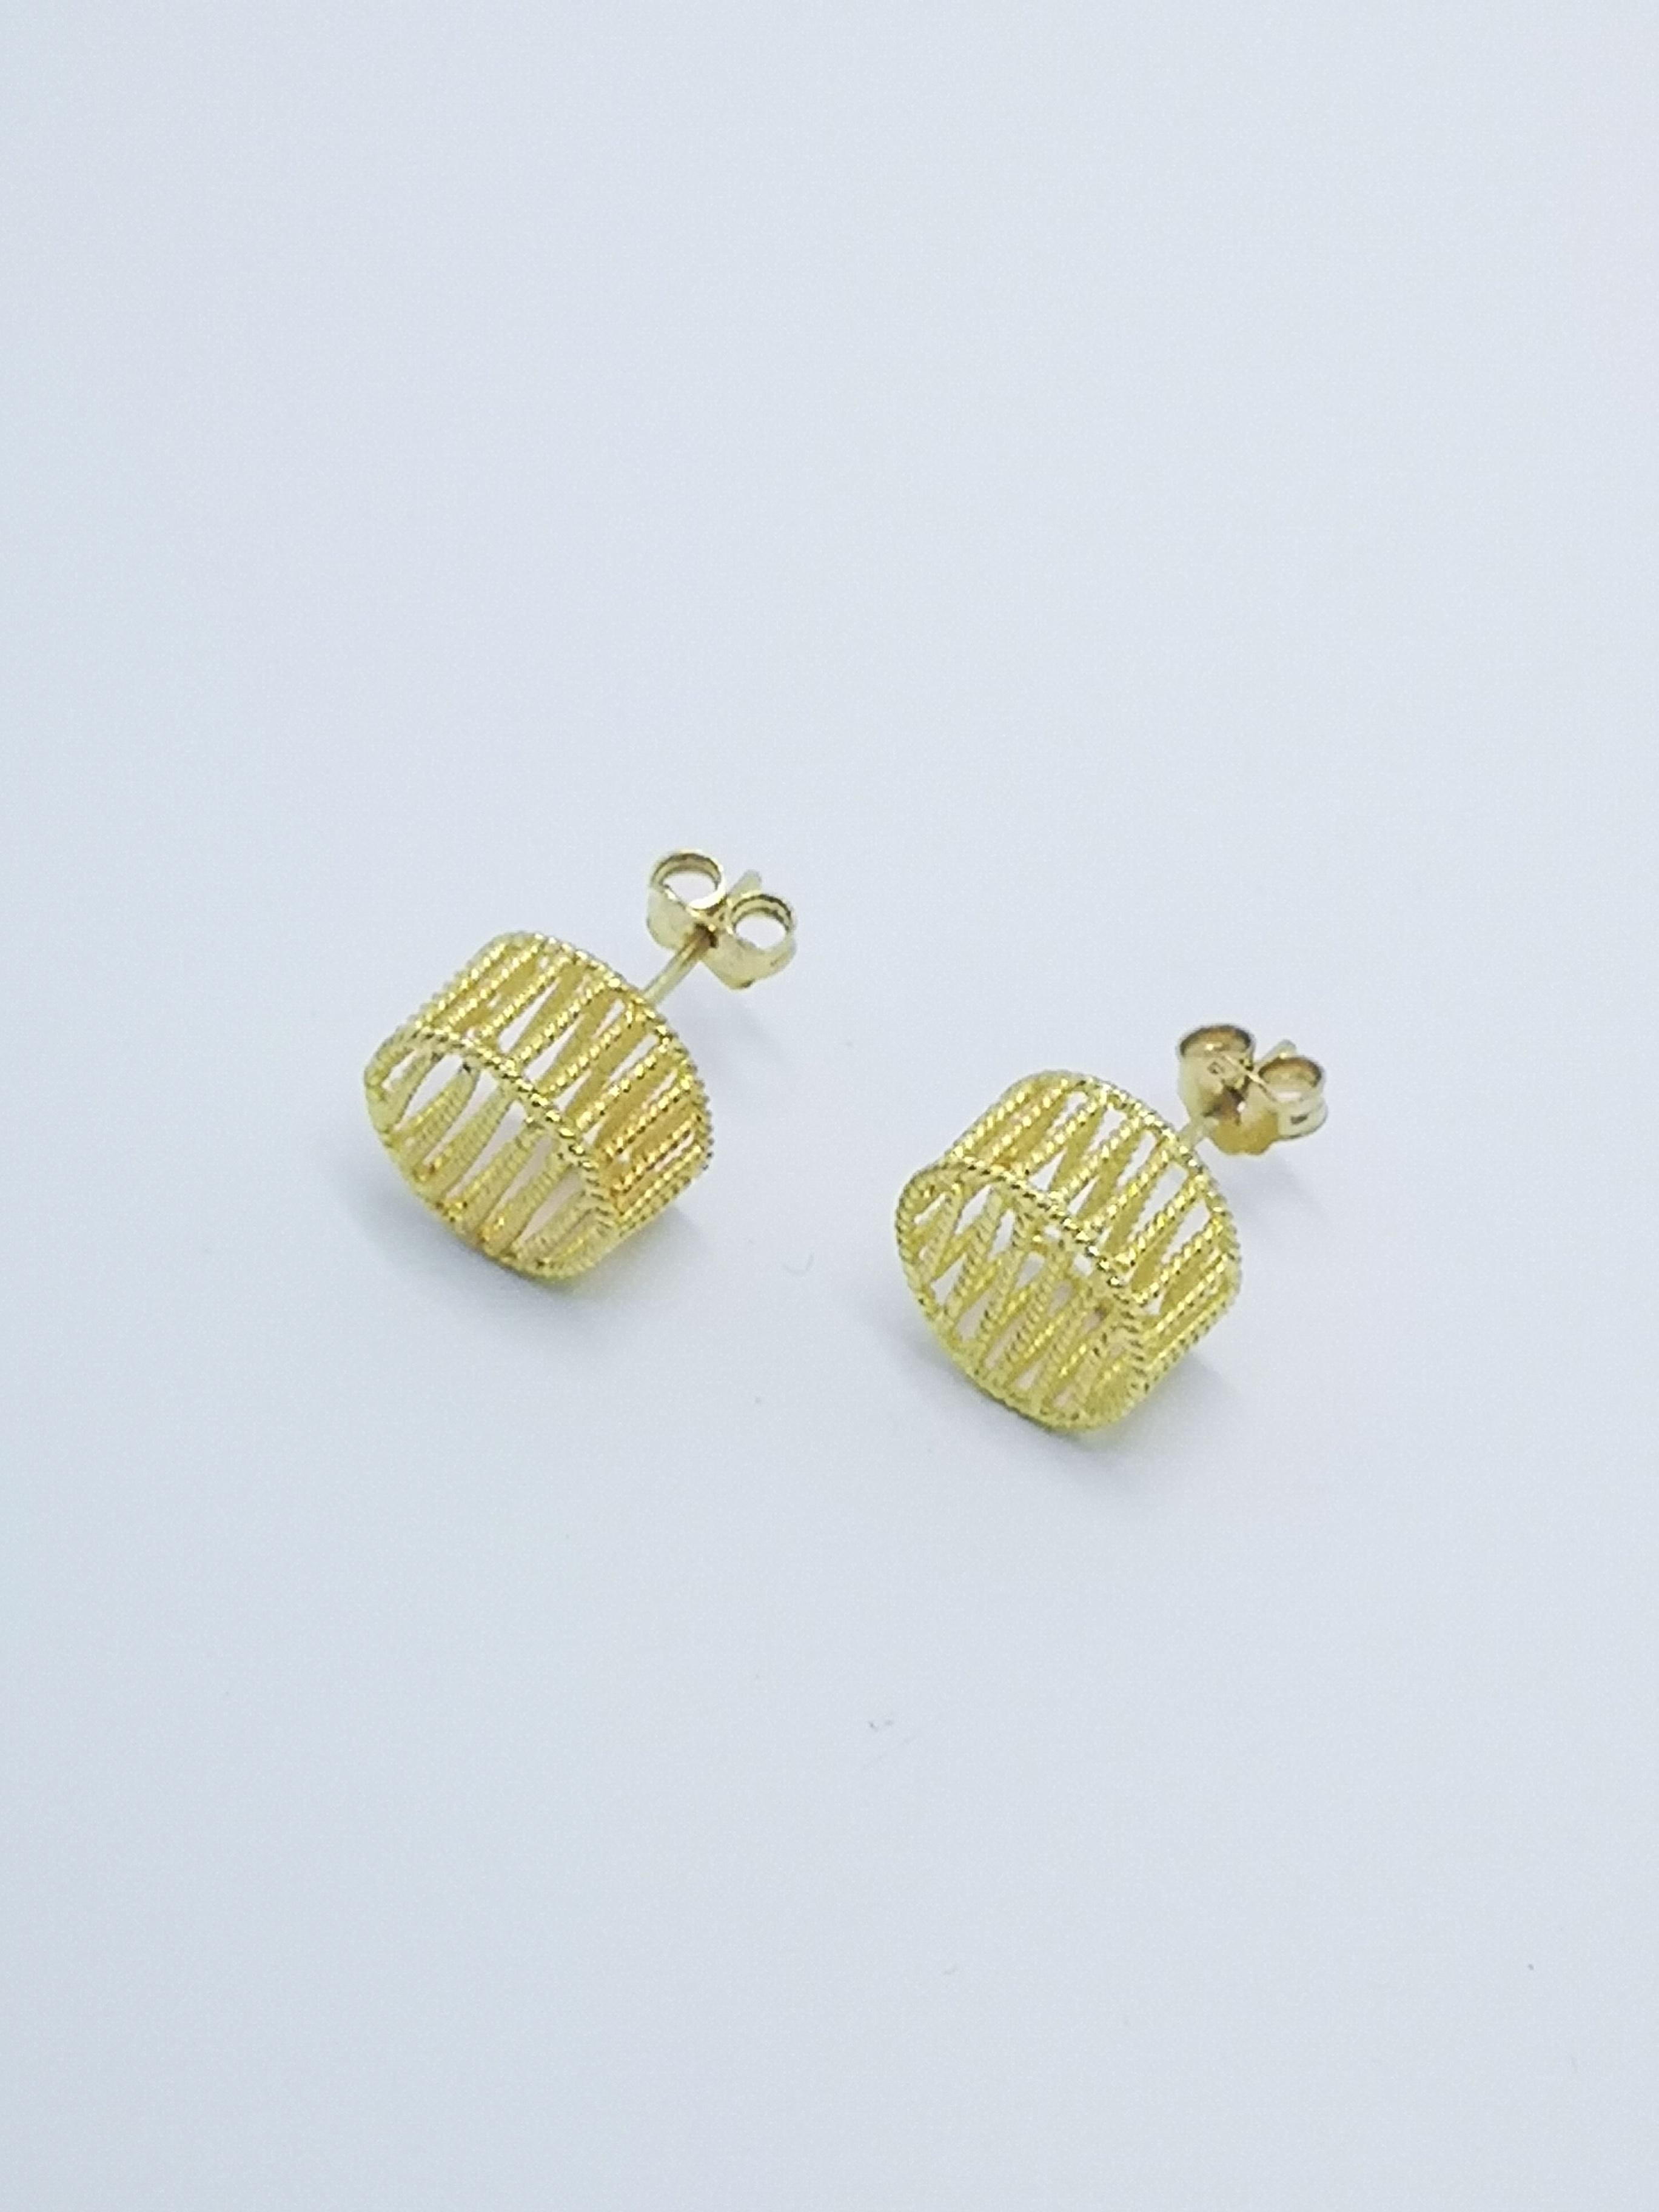 Earrings in 22kt & 18kt gold